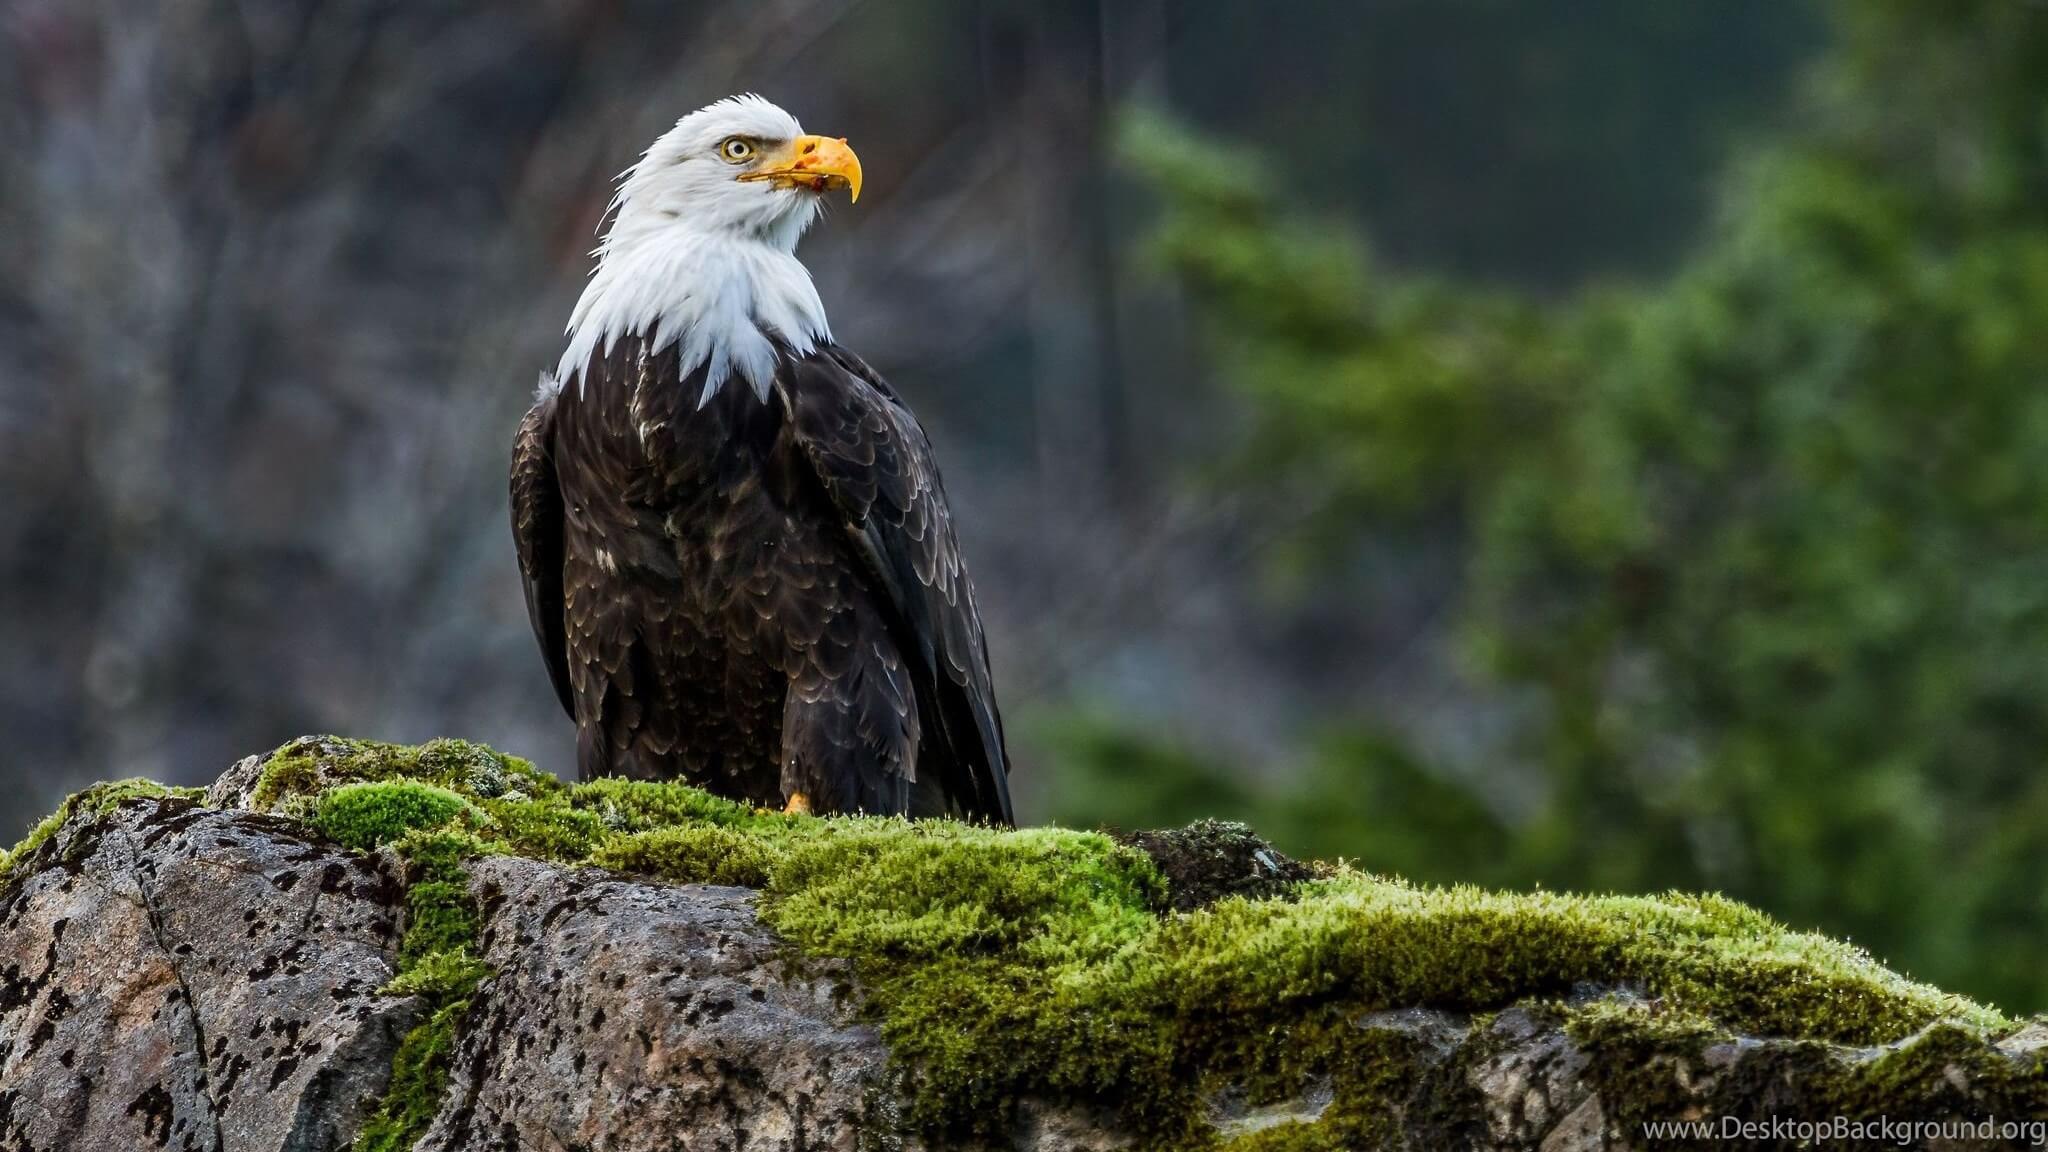 К чему снится орел - сонник и толкование. Приснился орел в небе или в руках